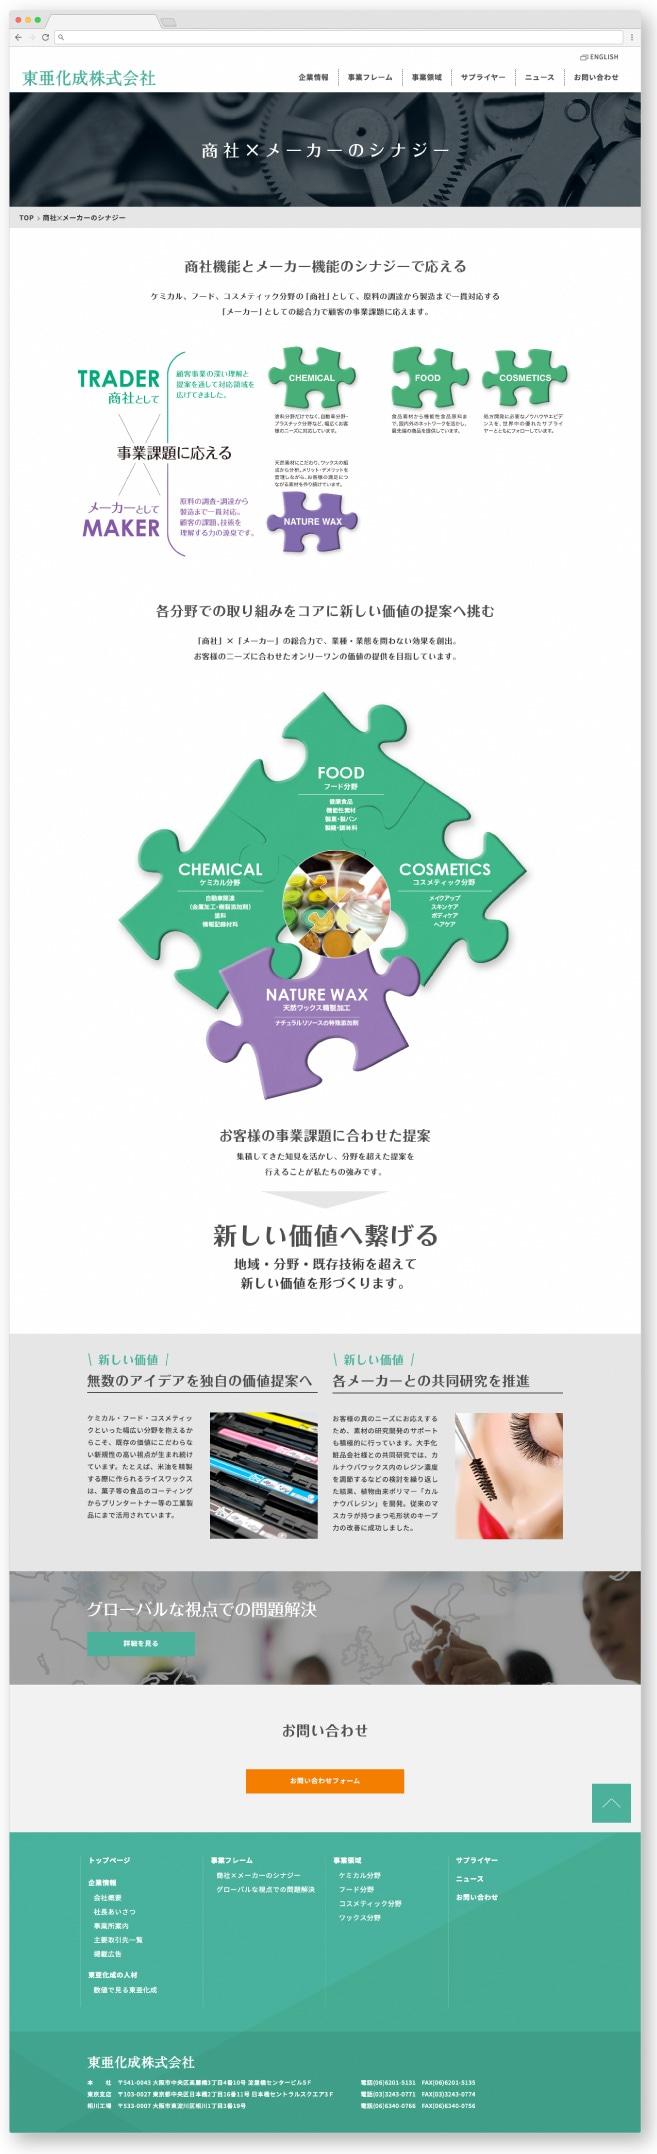 東亜化成株式会社様・Webサイト